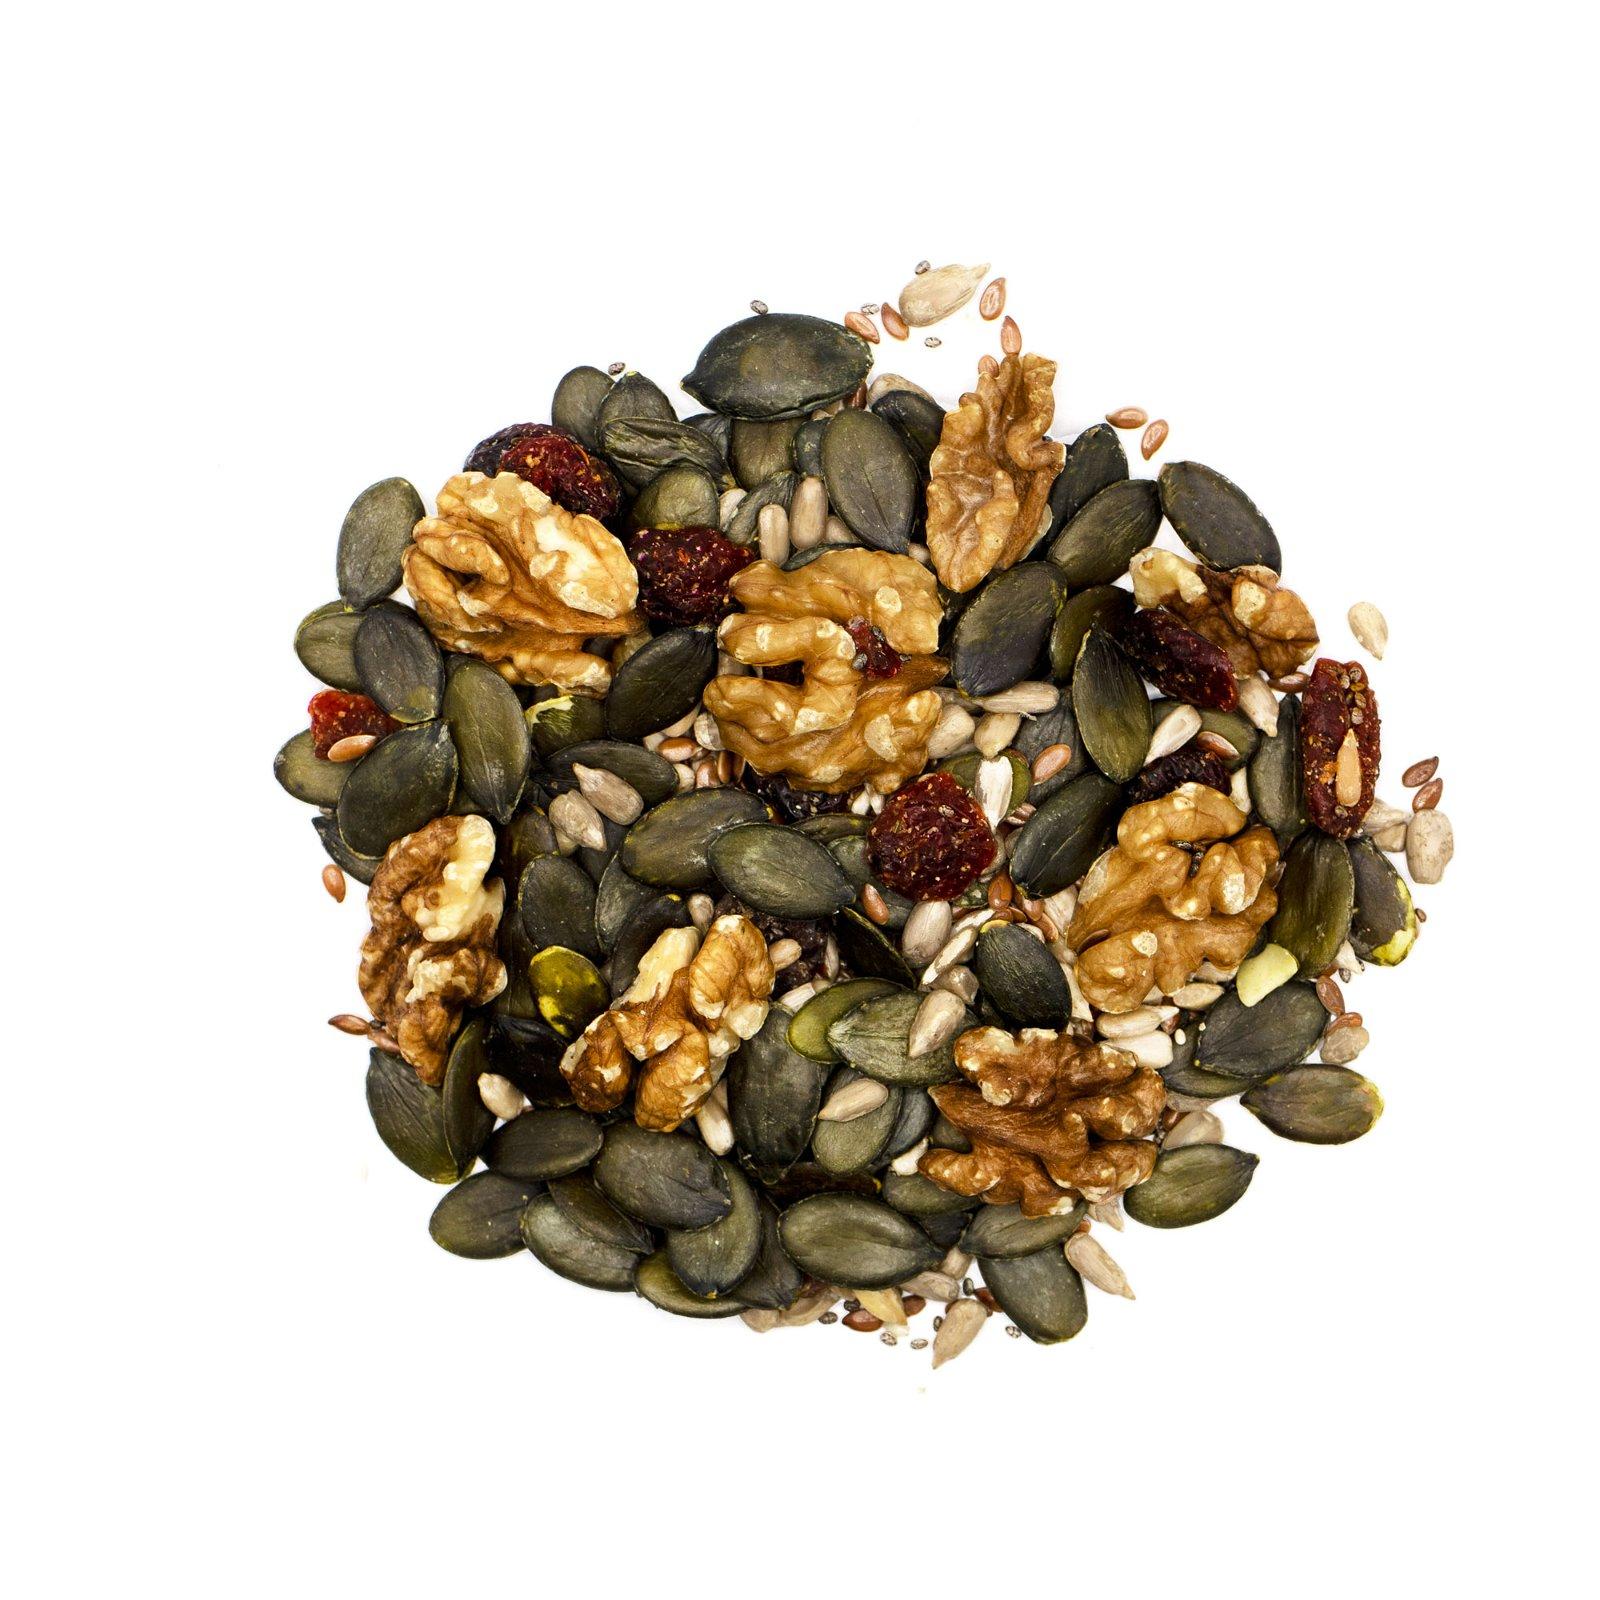 img-la-fourche-500g-de-melange-de-graines-pour-salade-bio-en-vrac